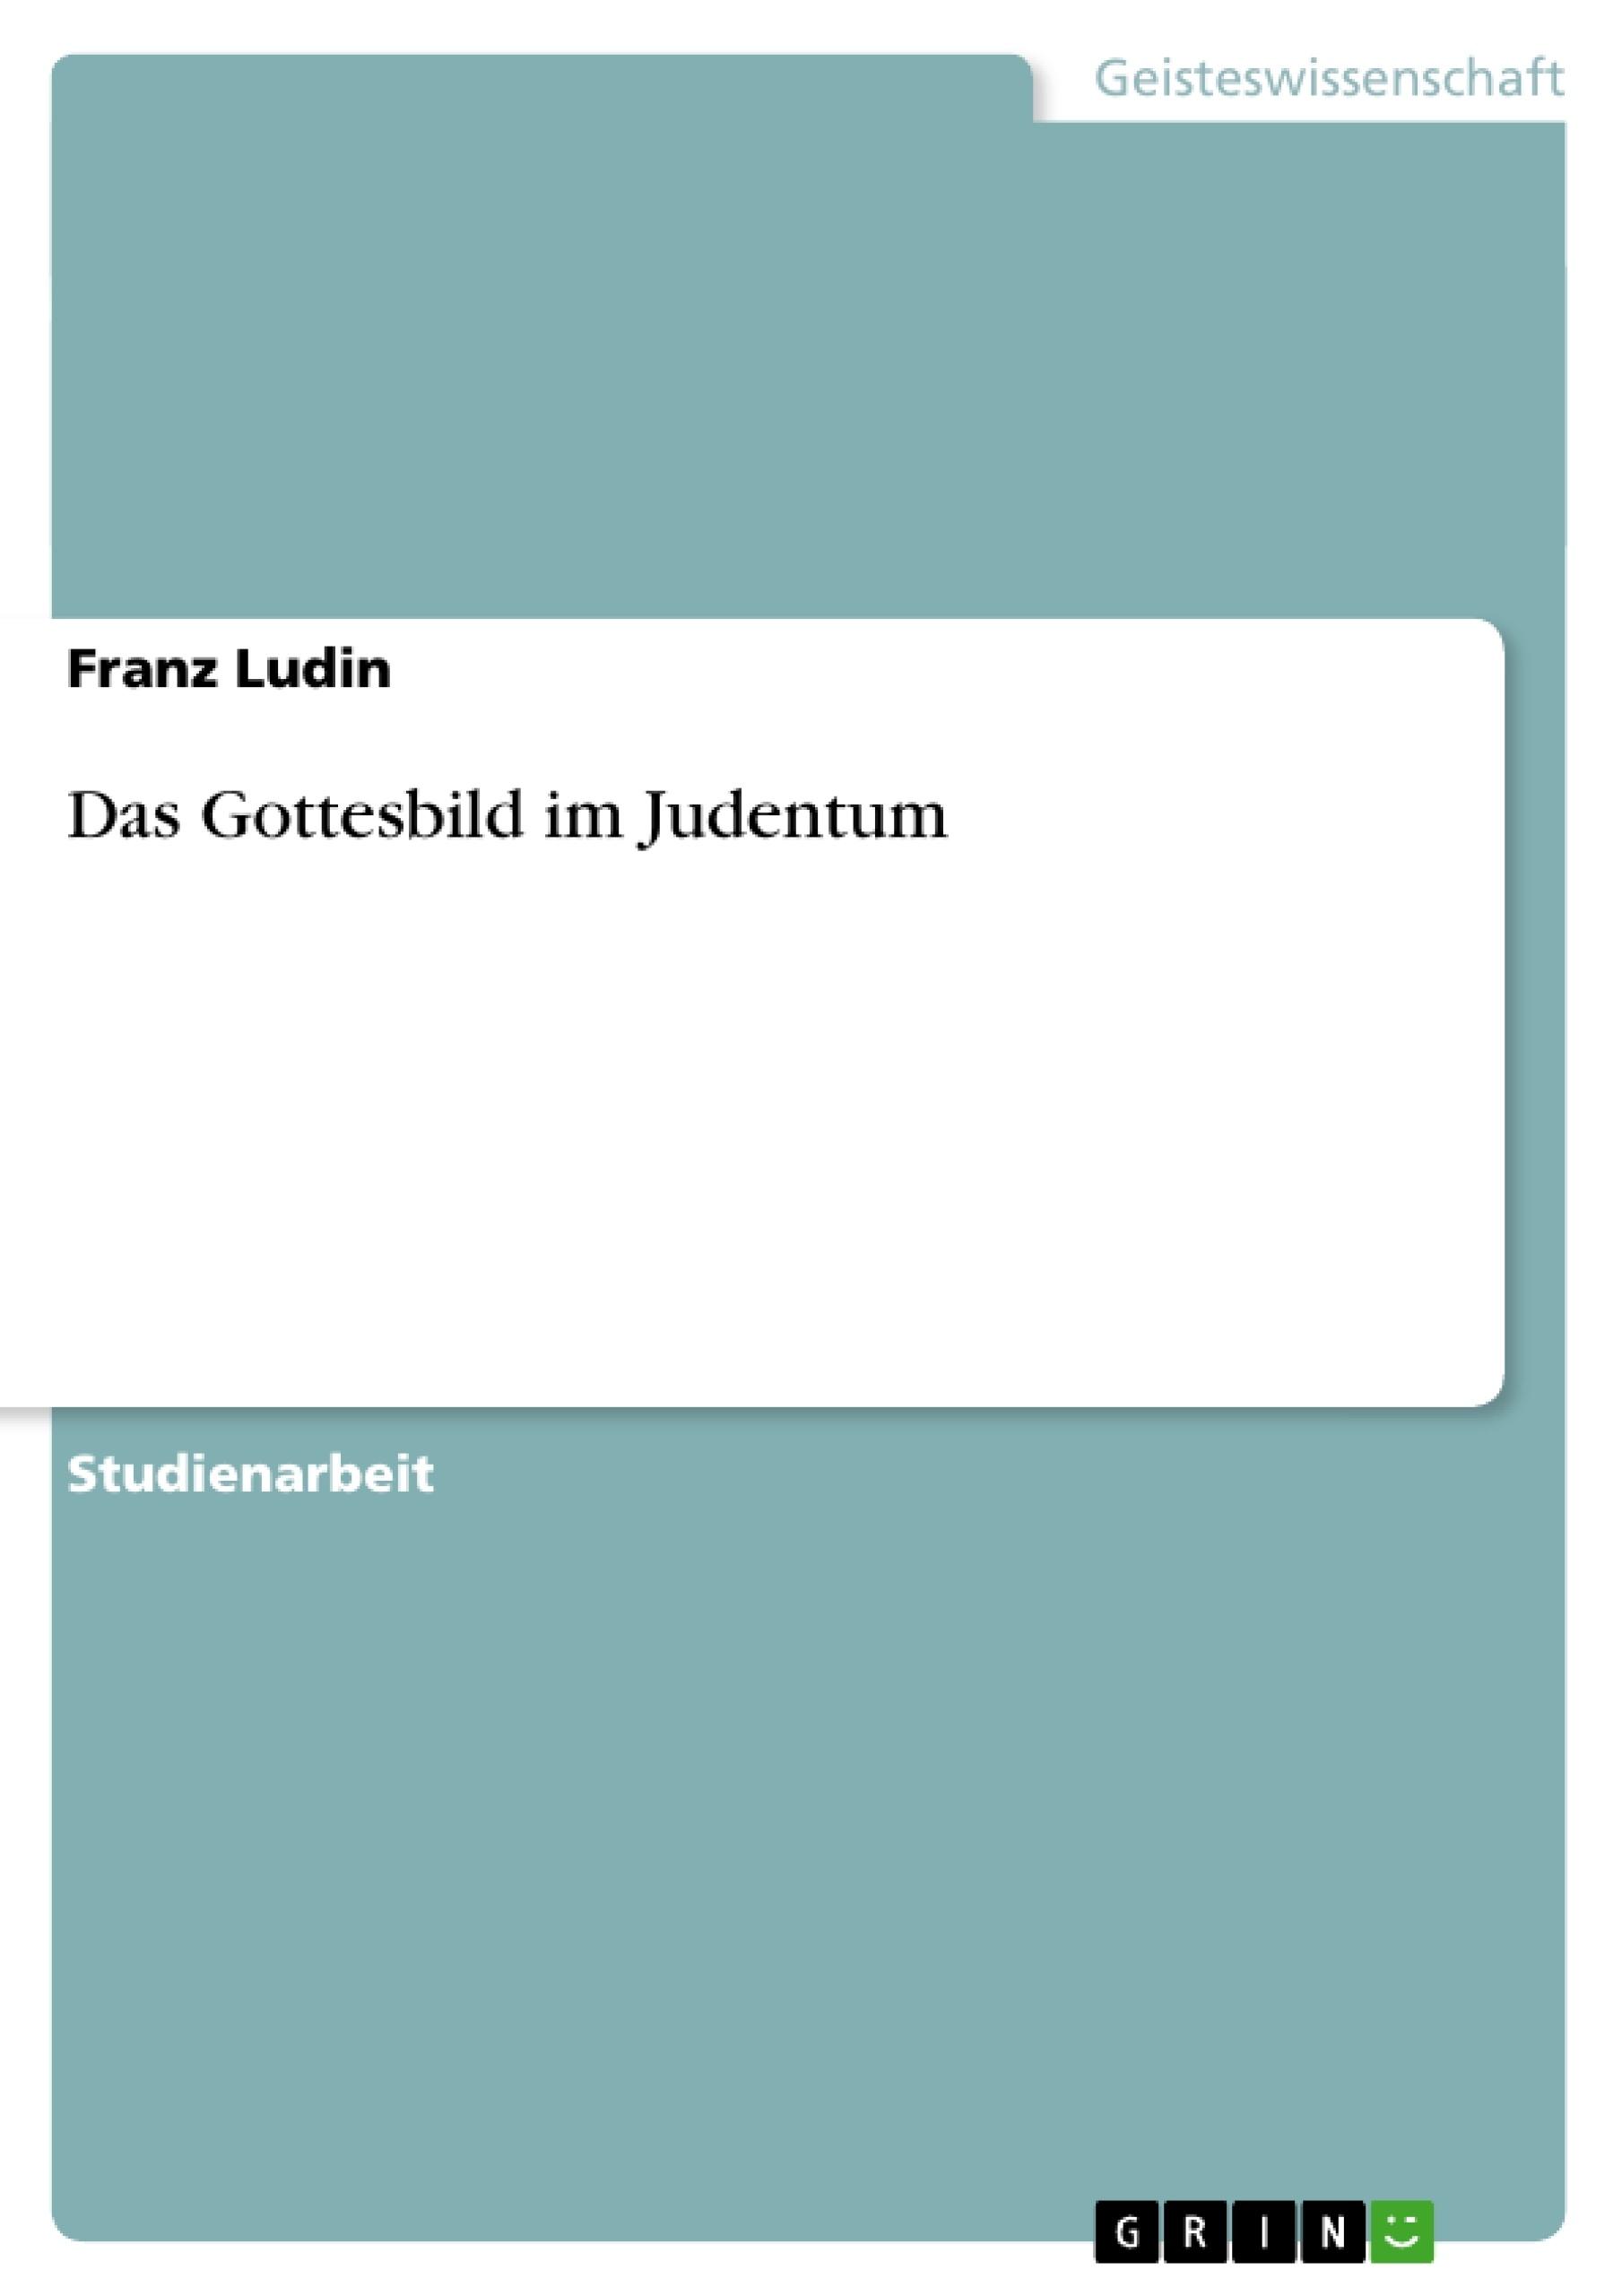 Titel: Das Gottesbild im Judentum